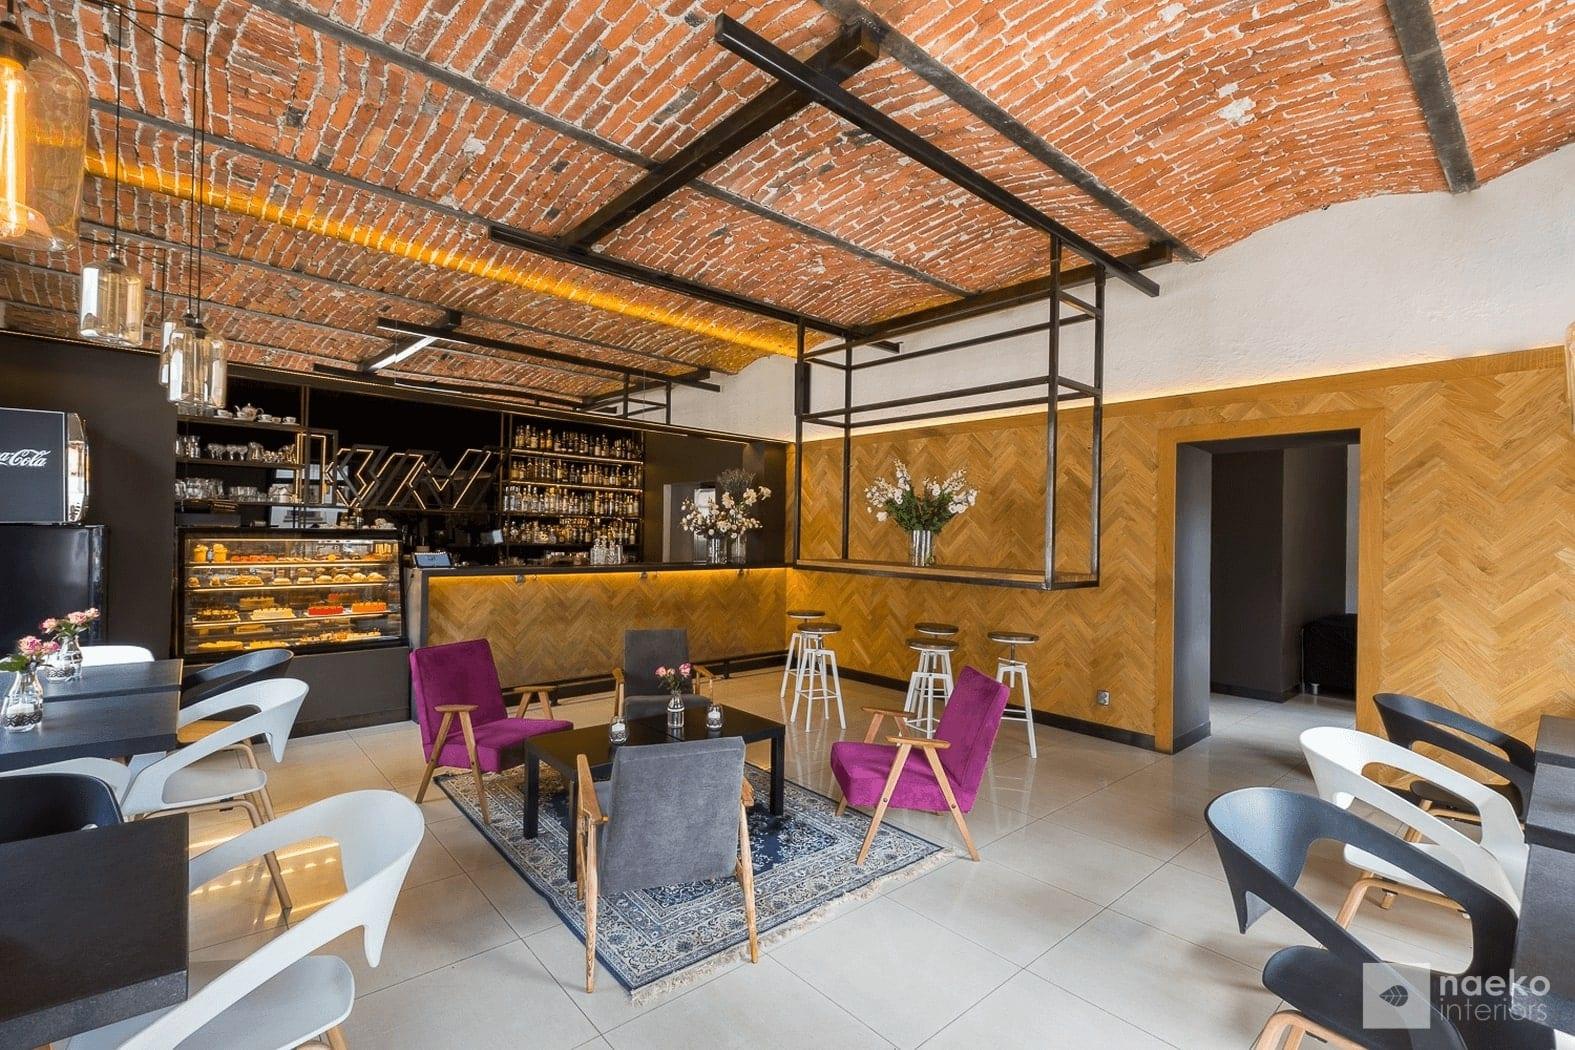 Projekt wnętrza ekokawiarni, z ceglanym stropem, drewnianą okładziną na ścianie, centralnie zlokalizowanym stolikiem kawowym z burgundowymi fotelami i tureckim dywanem vintage